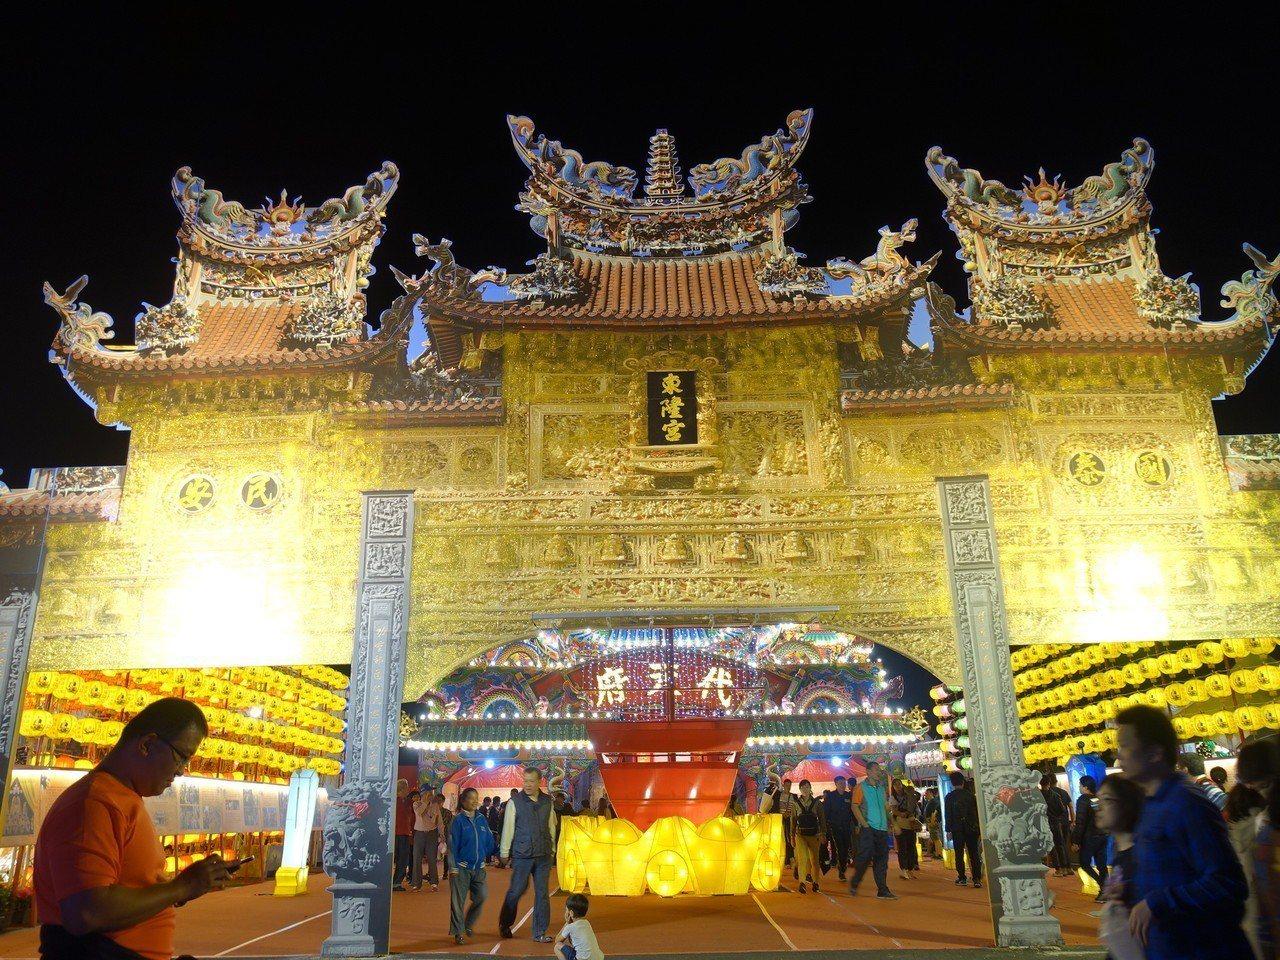 正在屏東大鵬灣舉行的台灣燈會,佳評如潮,圖為宗教燈區。記者翁禎霞/攝影